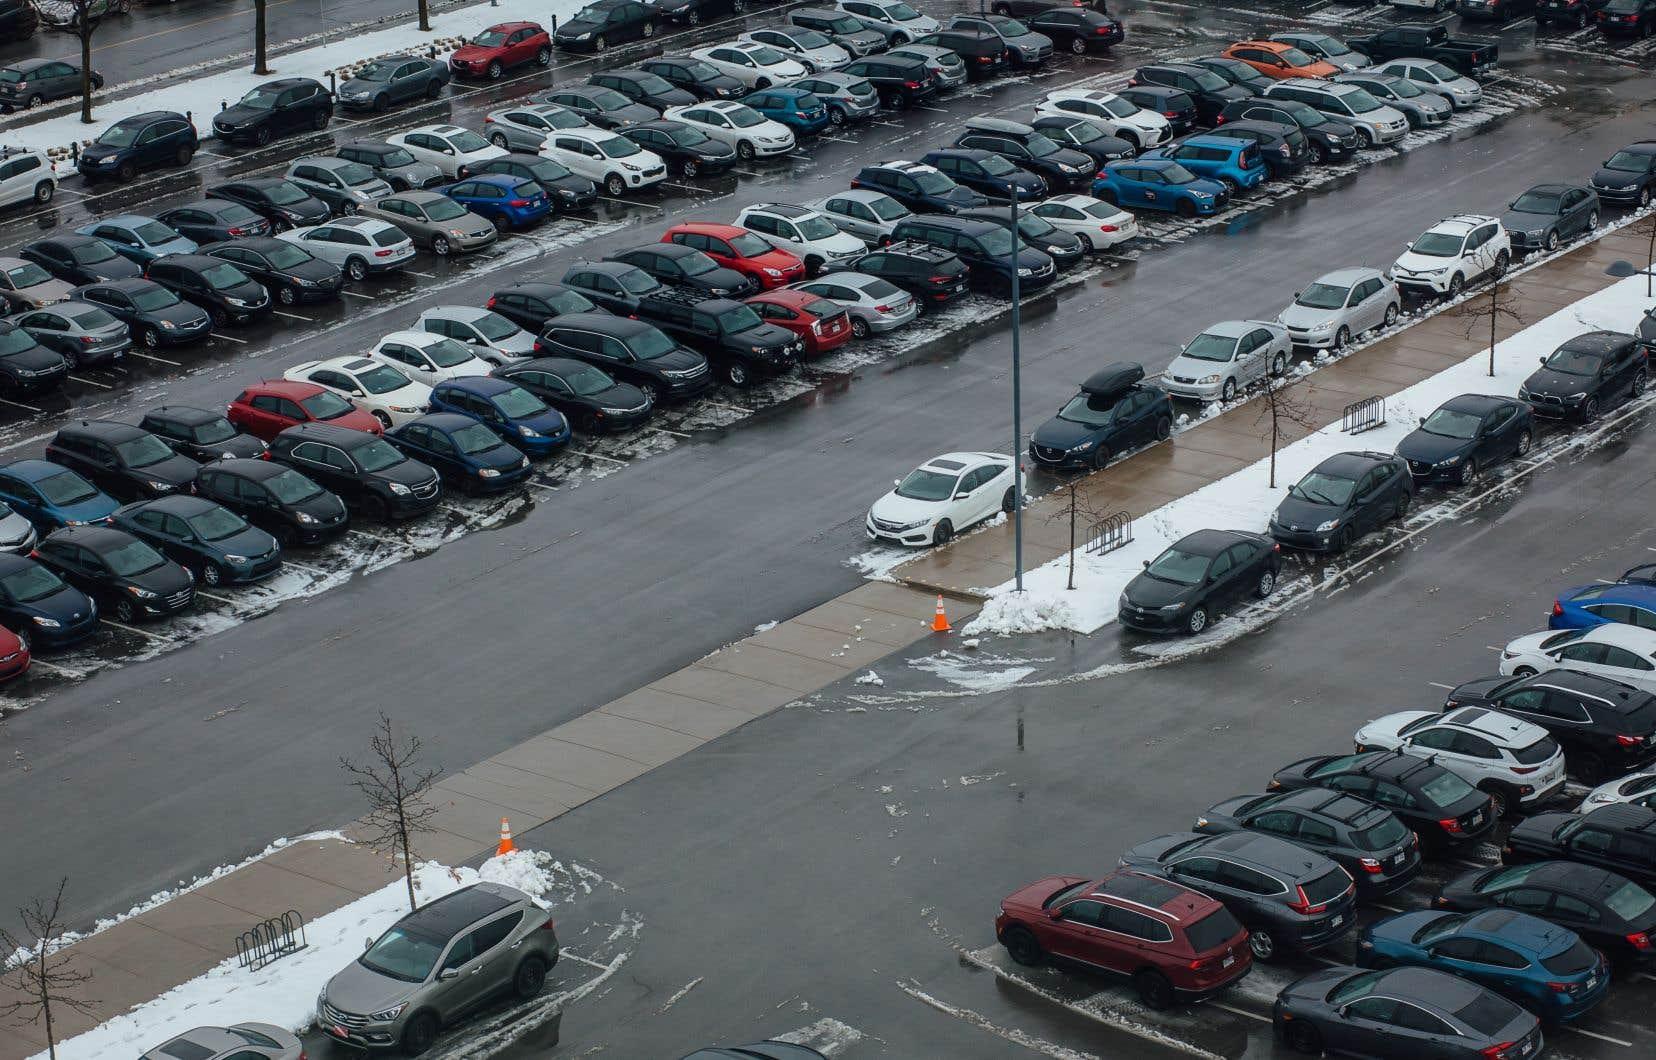 La Ville de Montréal estime entre 475 000 et 515 000 le nombre de places de stationnement sur rue, auxquelles s'ajoutent les stationnements hors rue privés et publics.